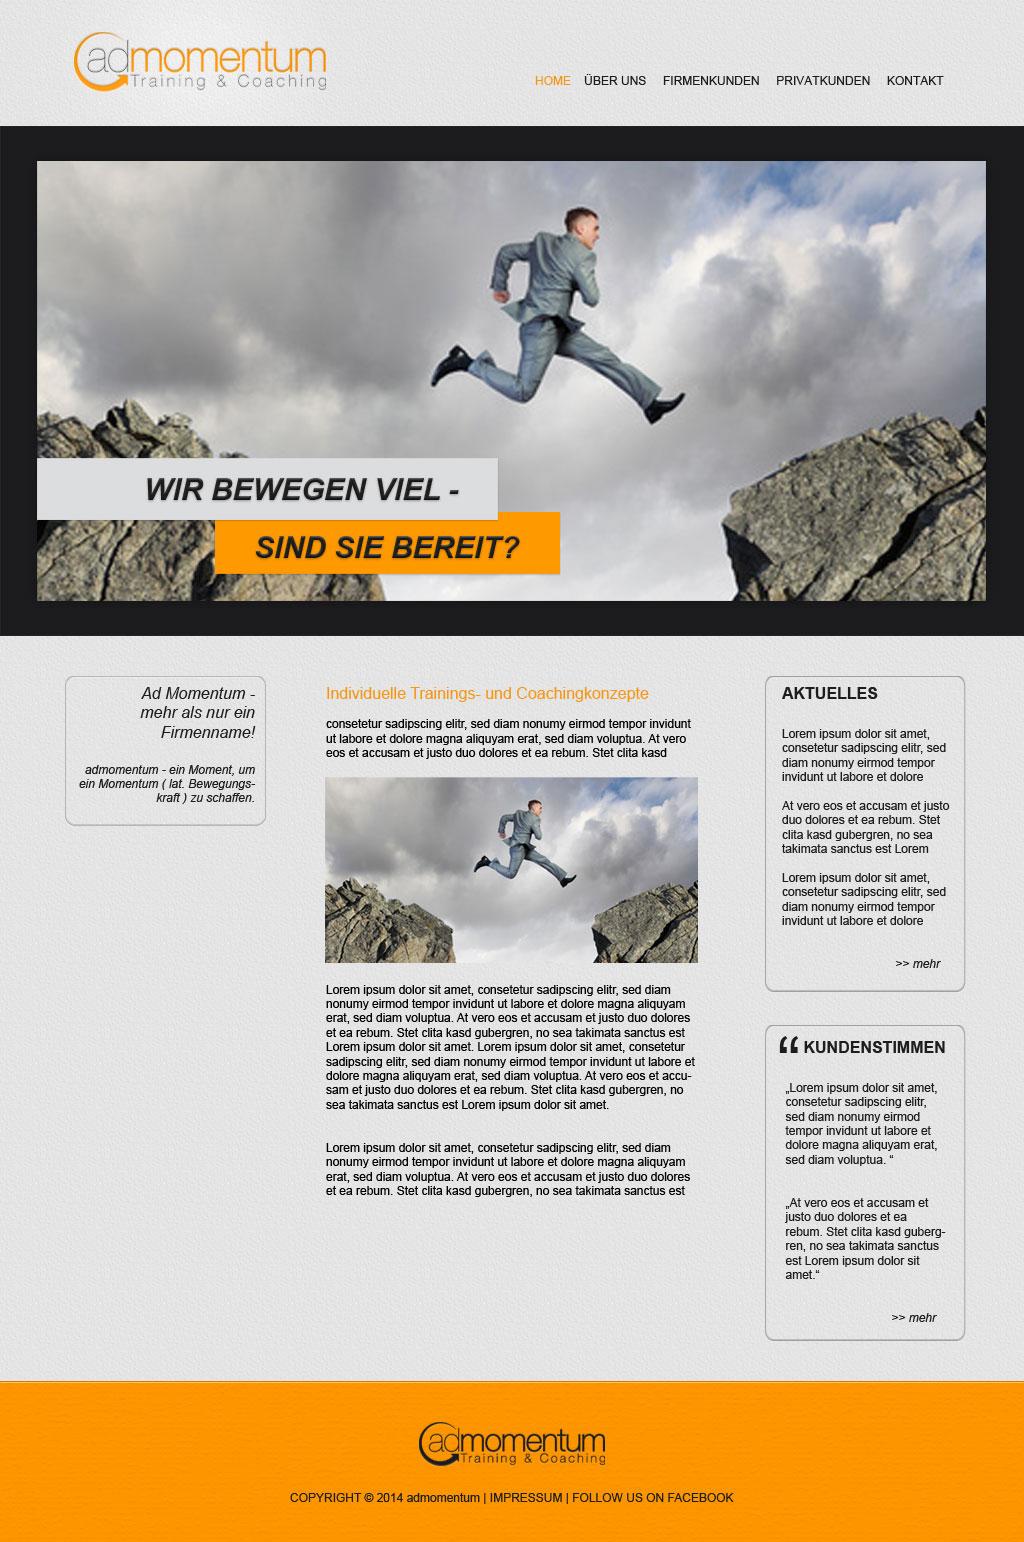 Design #18 de Antje